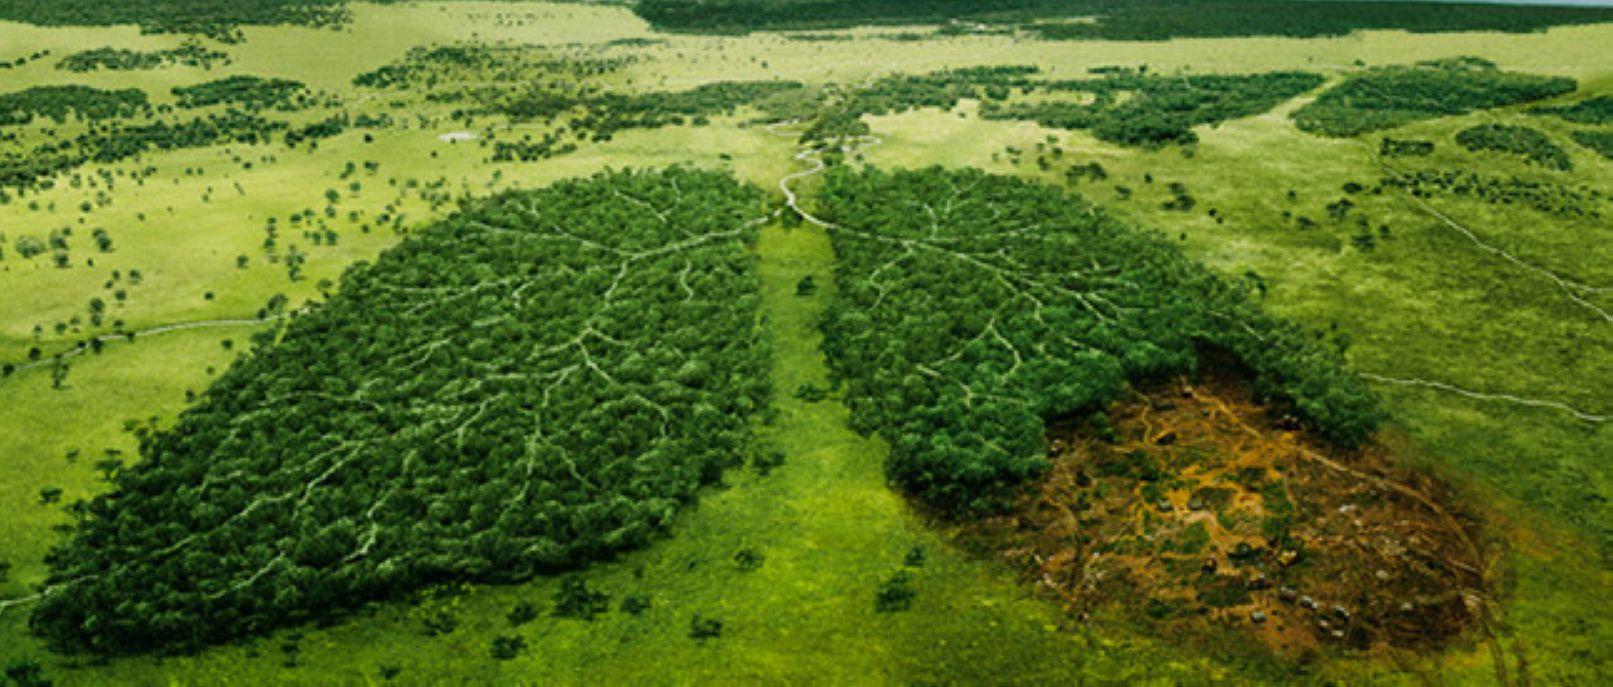 Desastres naturales que están arrasando el planeta